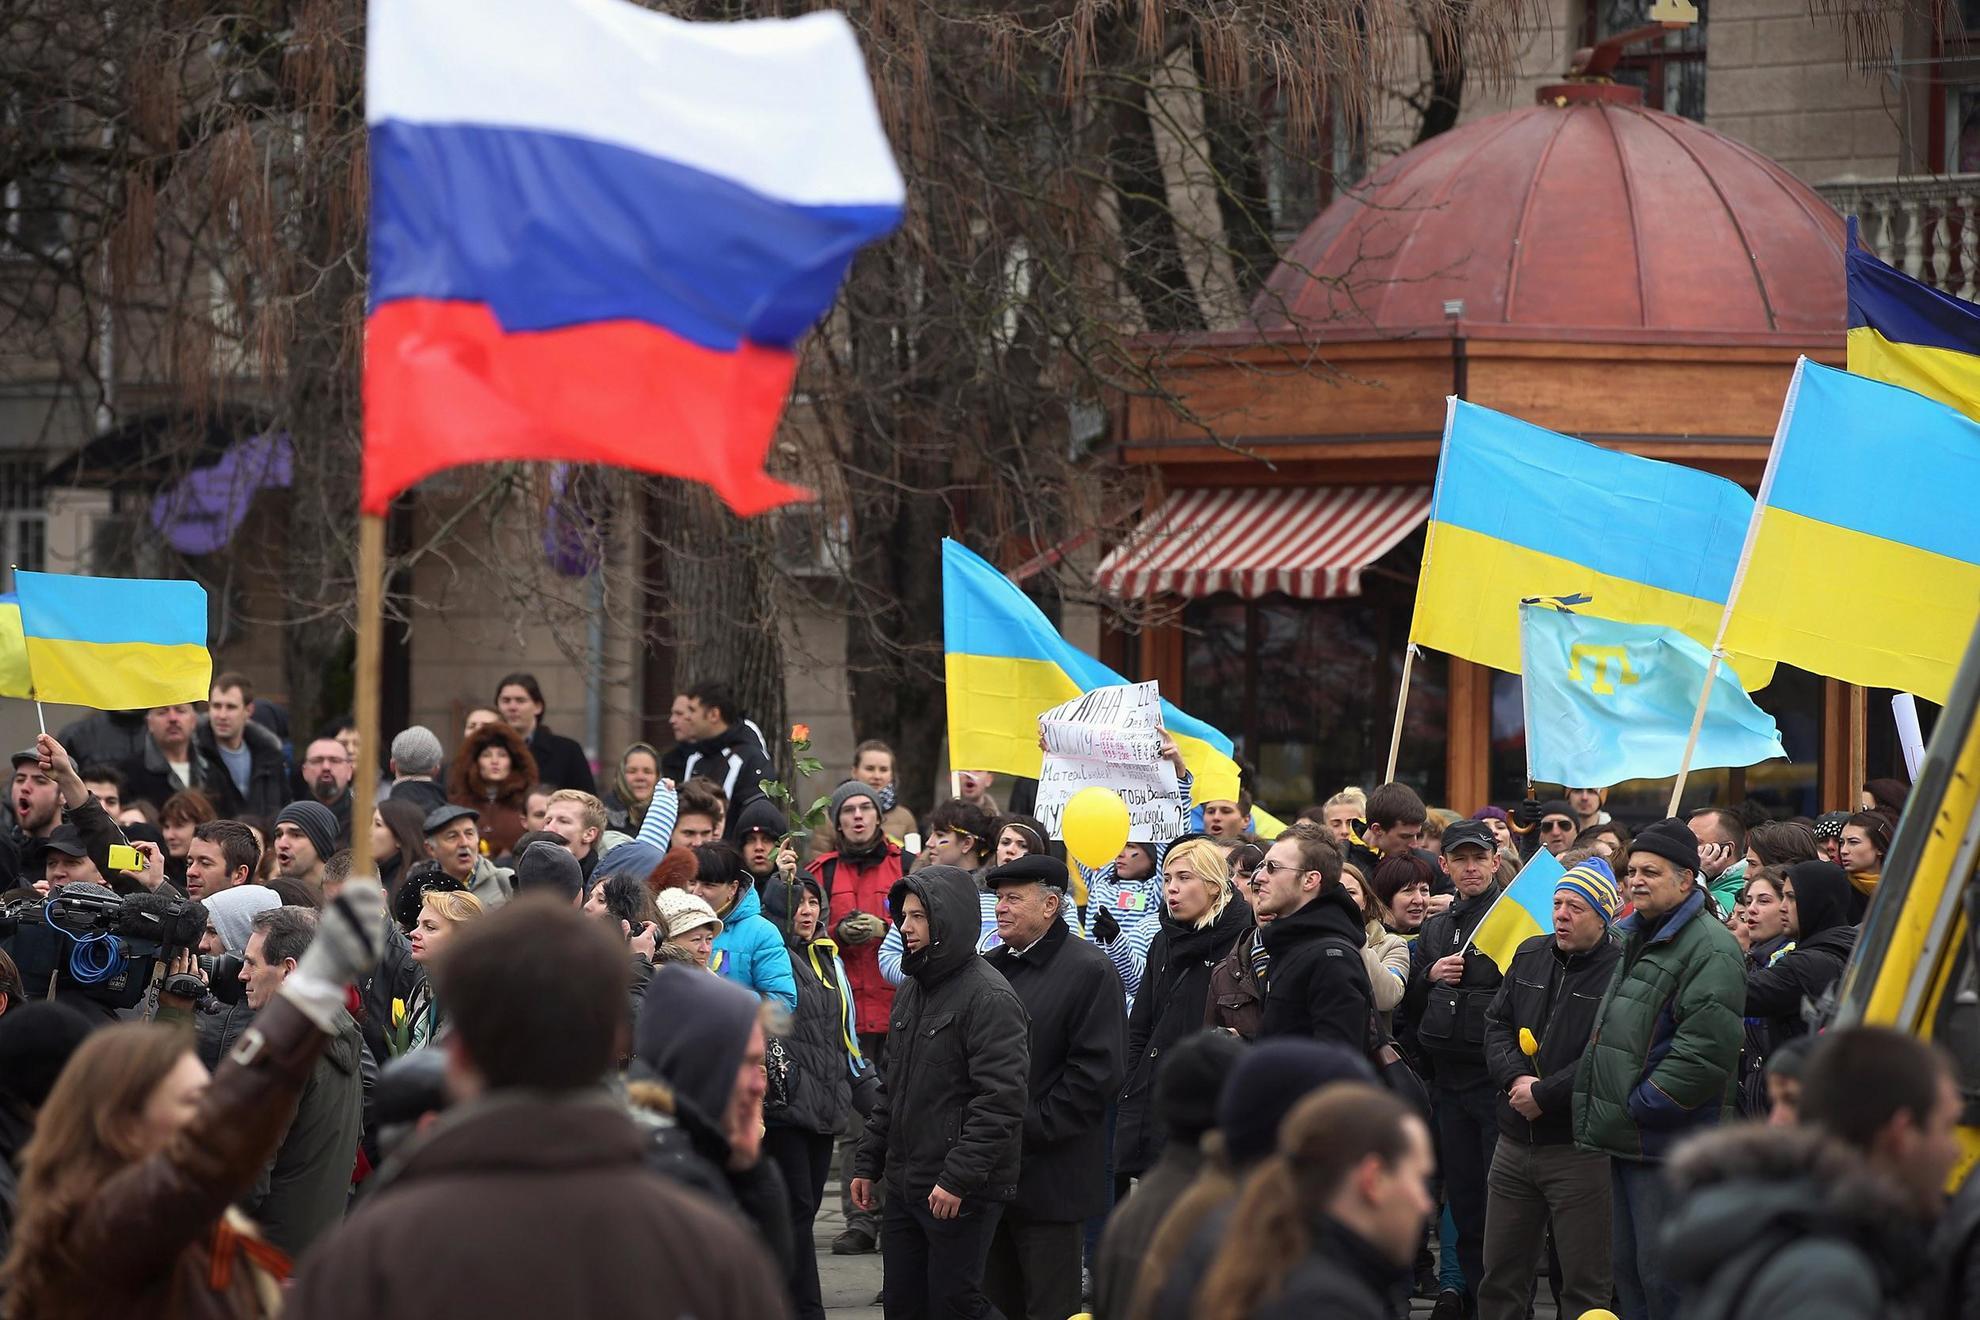 украина против россии картинки комфортный, диван станет